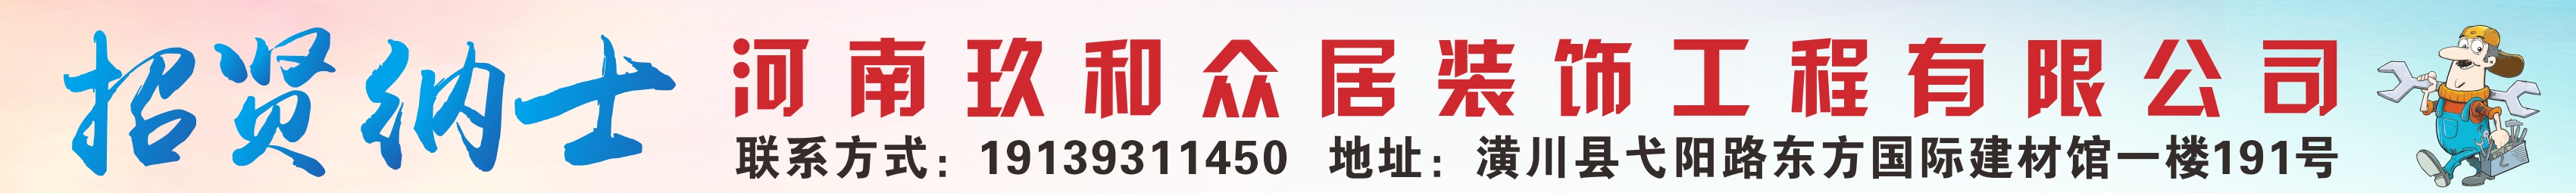 河南玖和众居装饰工程有限公司